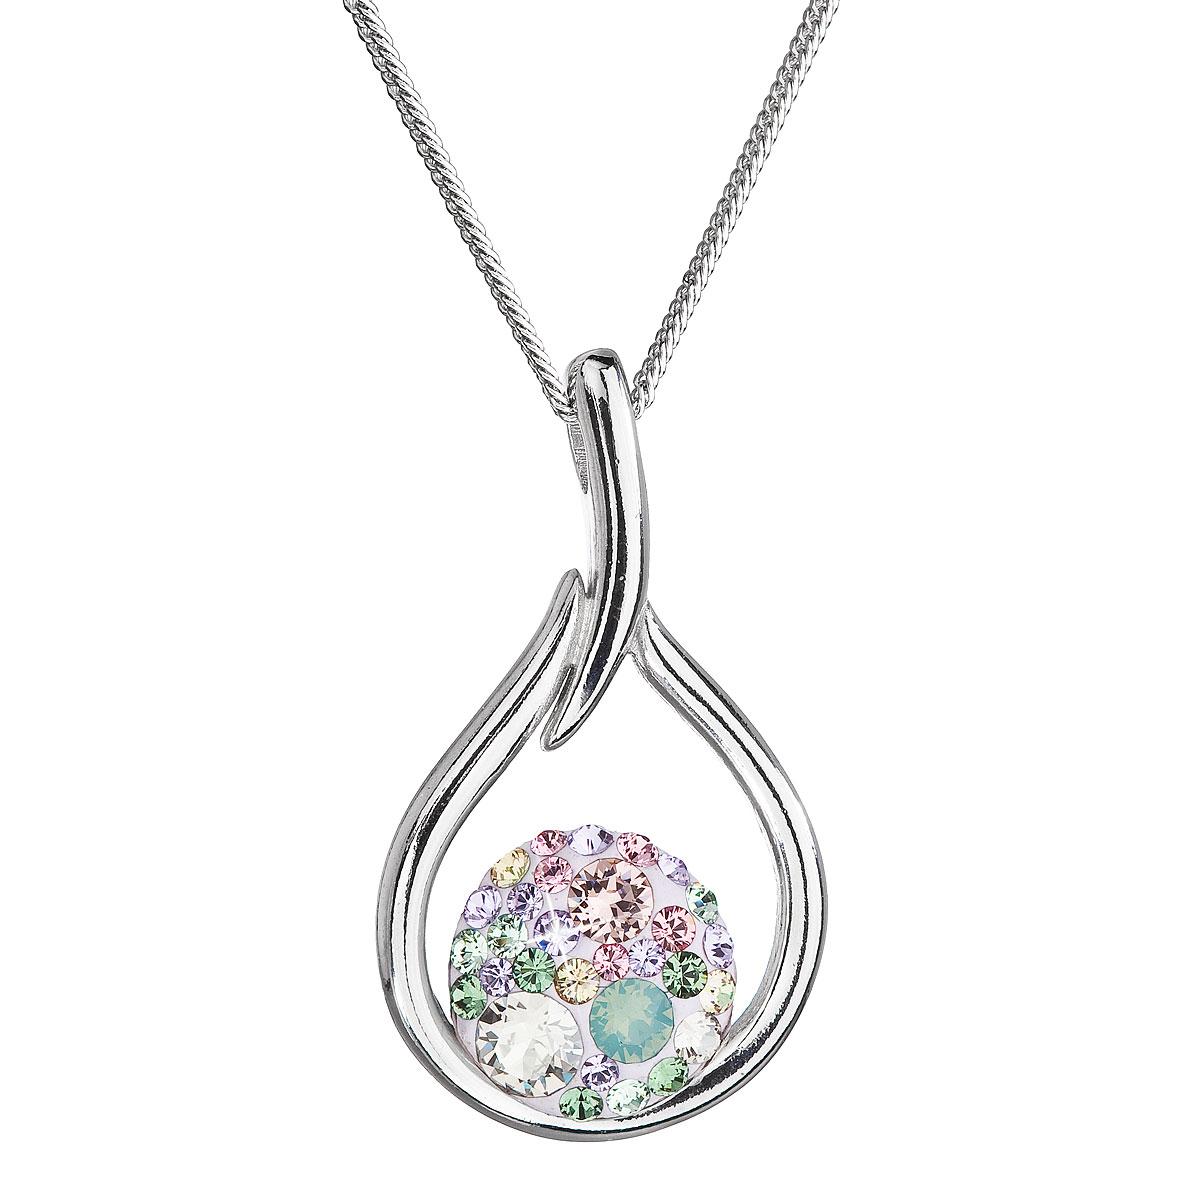 Strieborný náhrdelník so Swarovski kryštálmi kvapka 32075.3 sakura